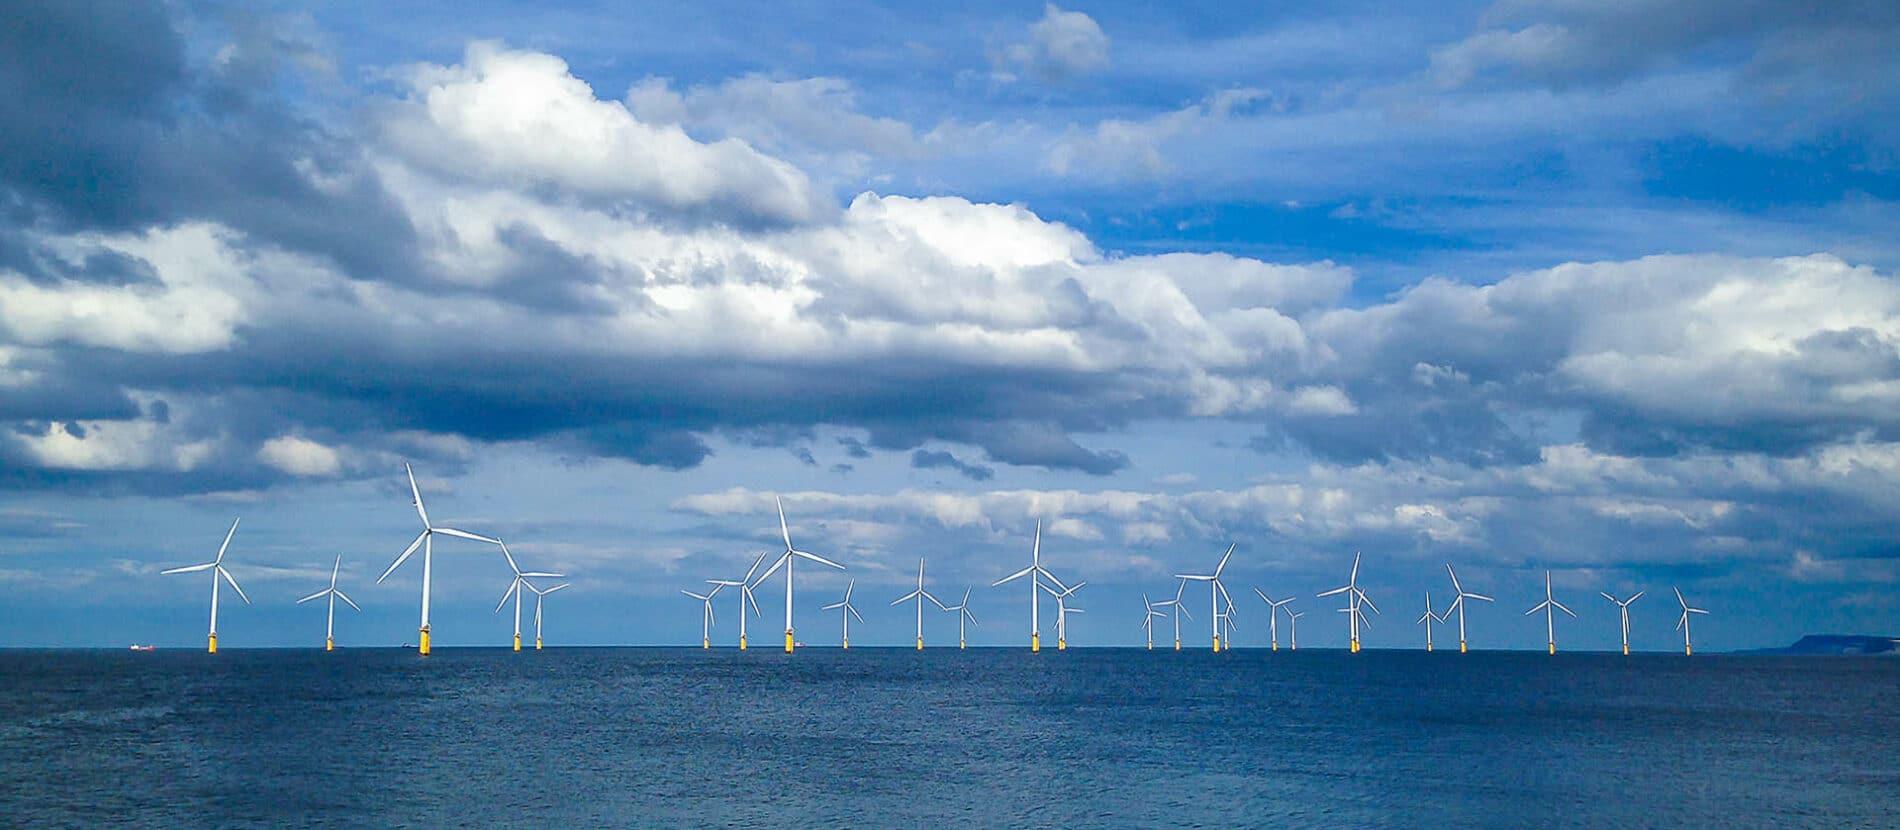 Groupe d'éoliennes dans la mer